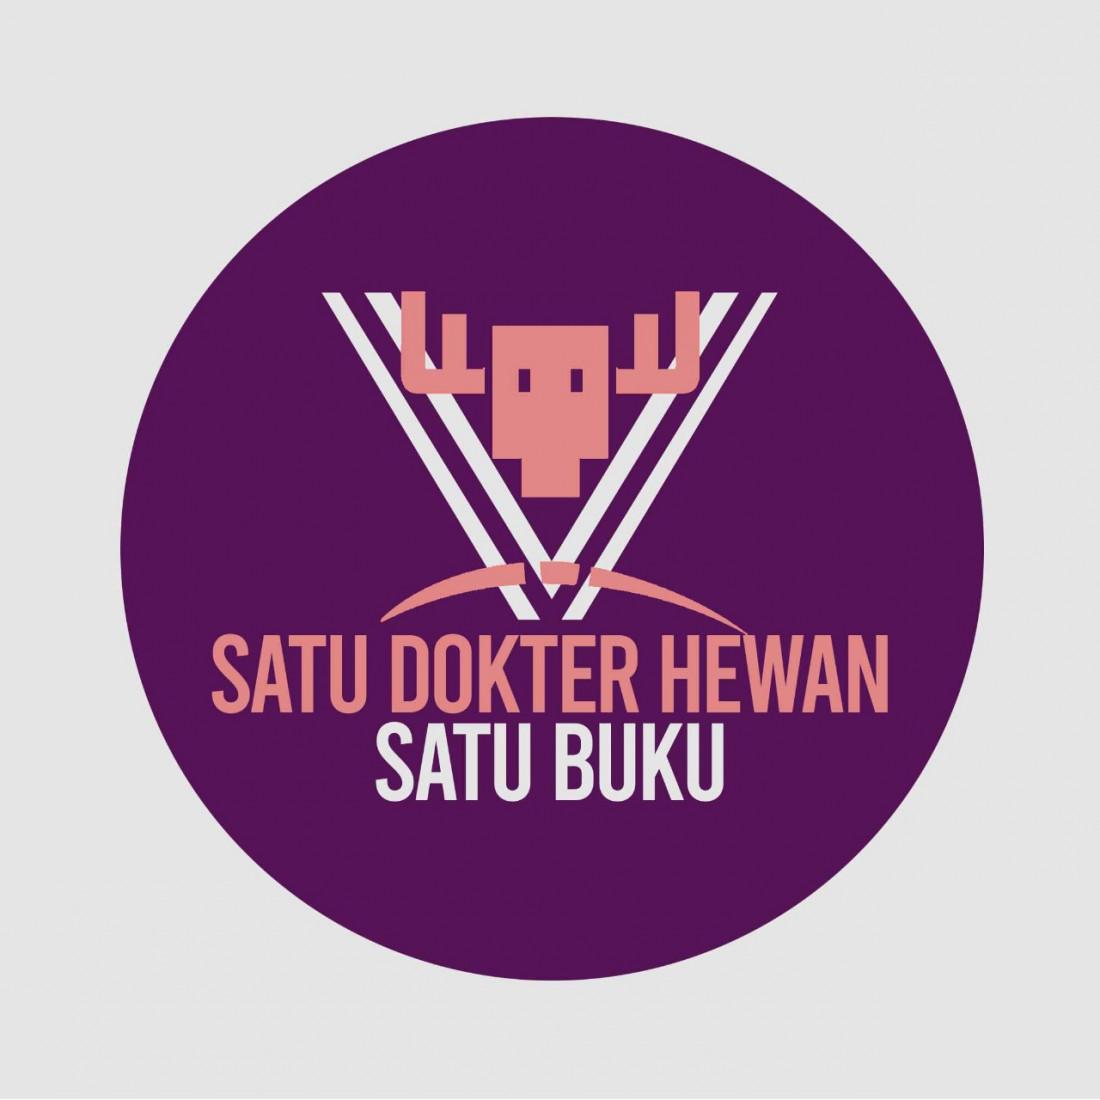 KELAS MENULIS SATU DOKTER HEWAN SATU BUKU (10, 11, 12 NOVEMBER 2020)